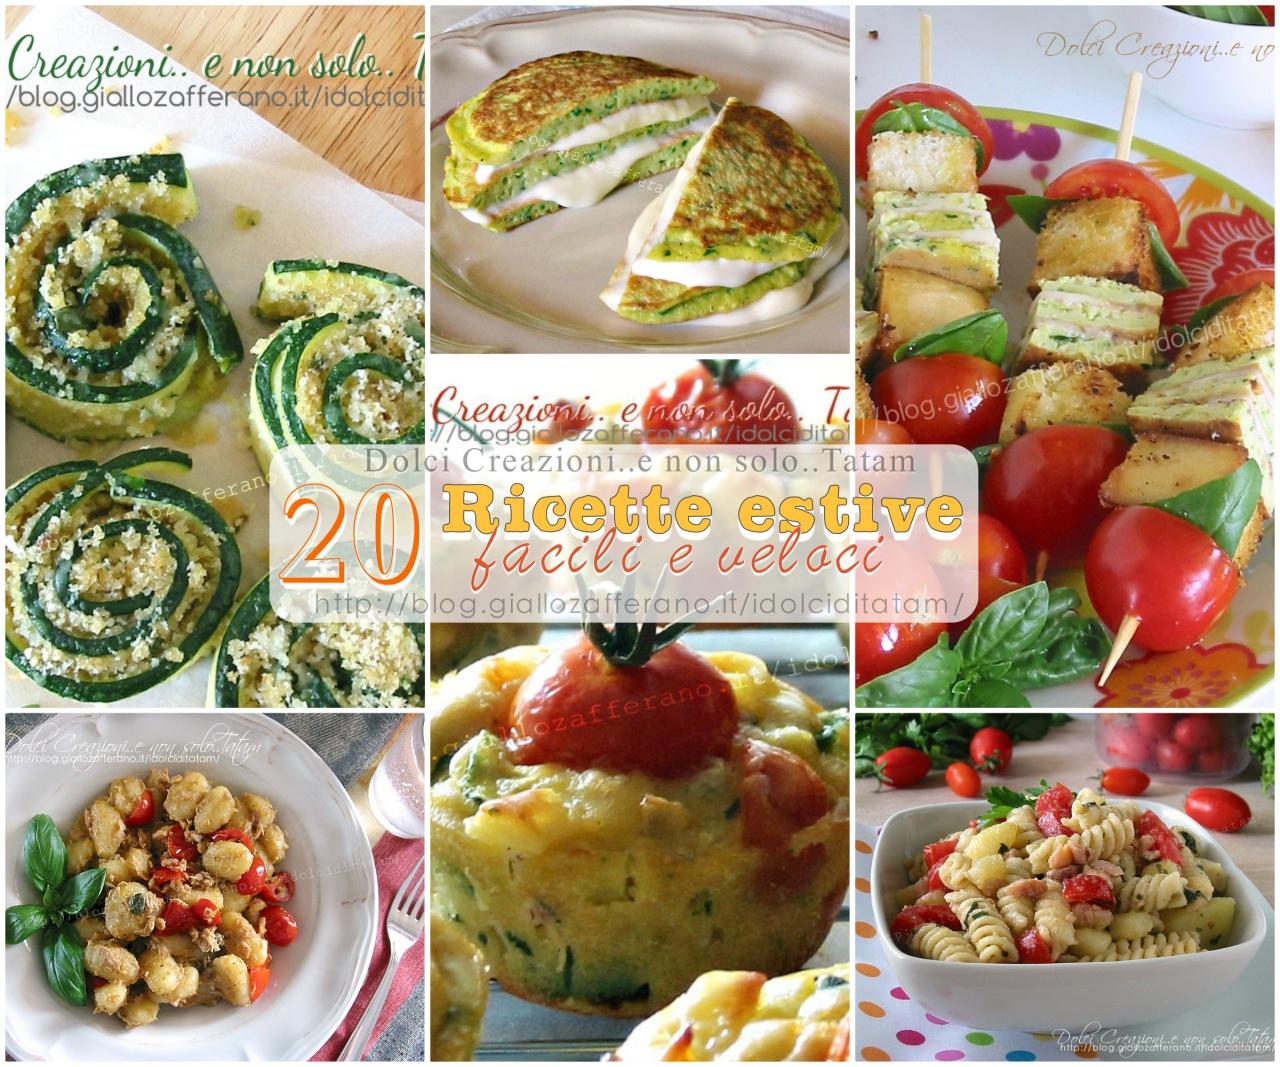 20 ricette estive salate facili e veloci 3 ricette dolci for Ricette dolci facili e veloci